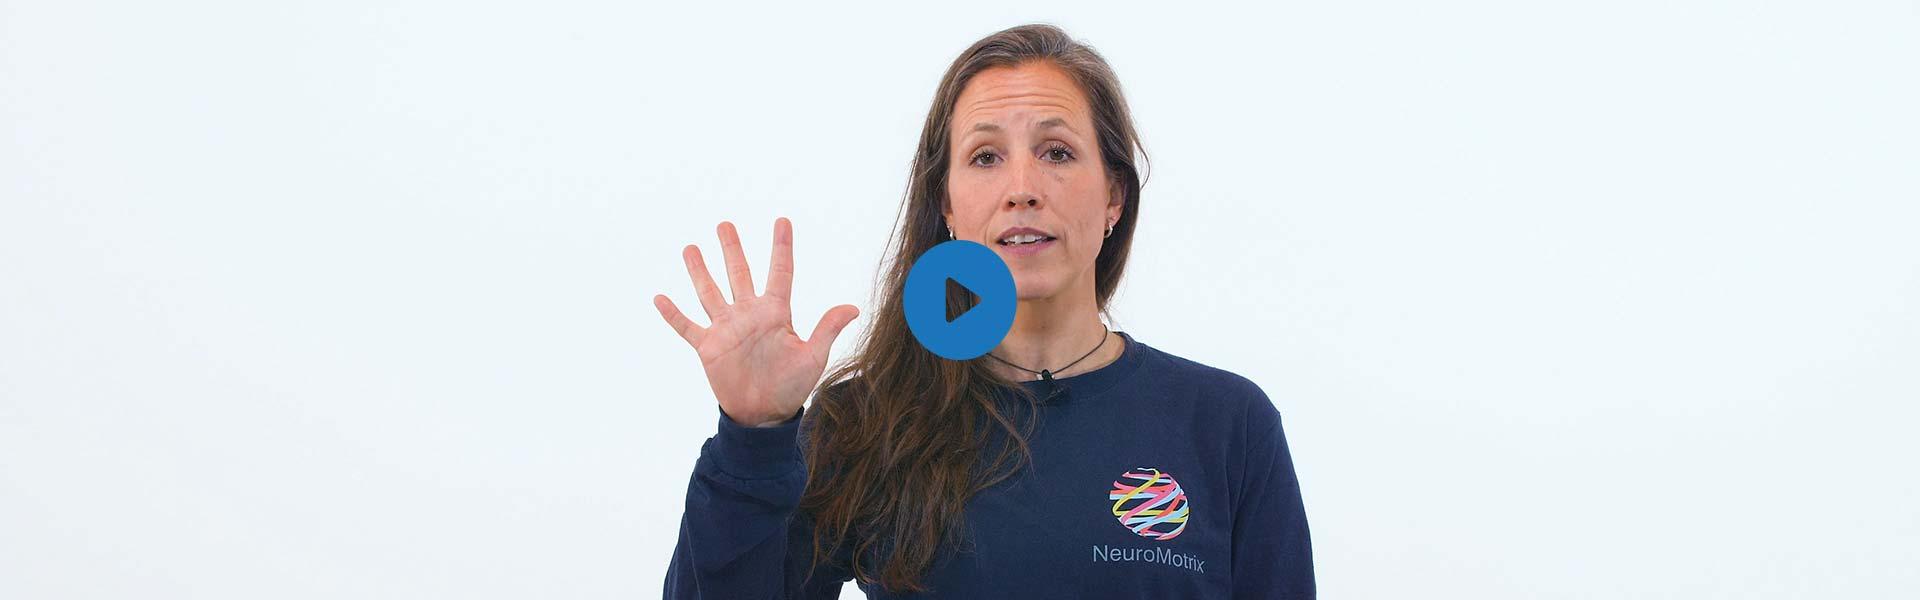 La kinésiologue Martine Lauzé faisant le signe de 5 avec ses doigts